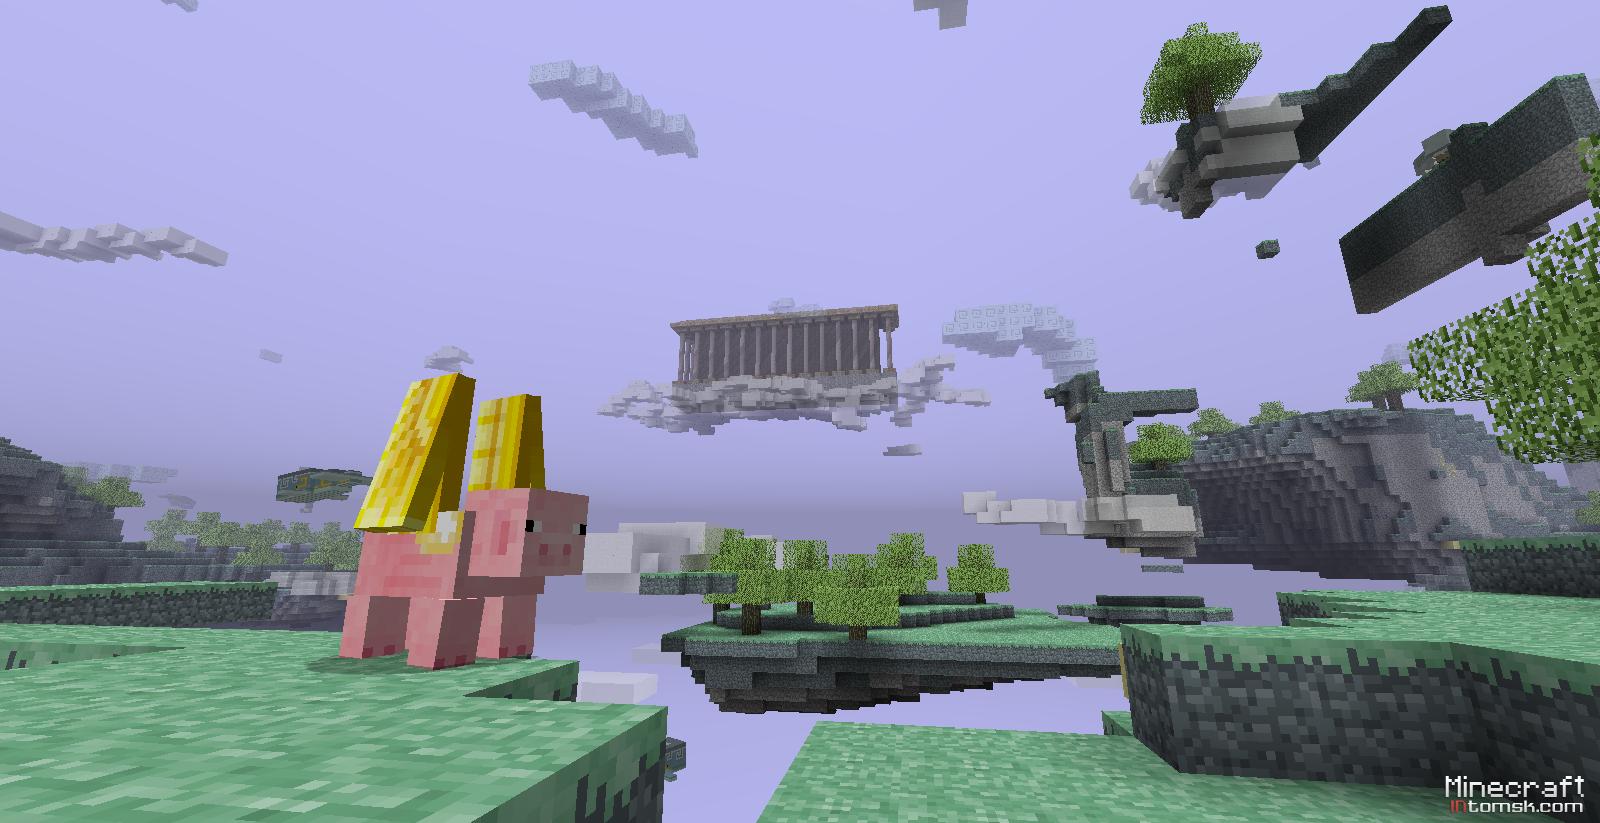 Мод на рай, портал в рай для Minecraft 1.7.10/1.7.2/1.6.4 ...